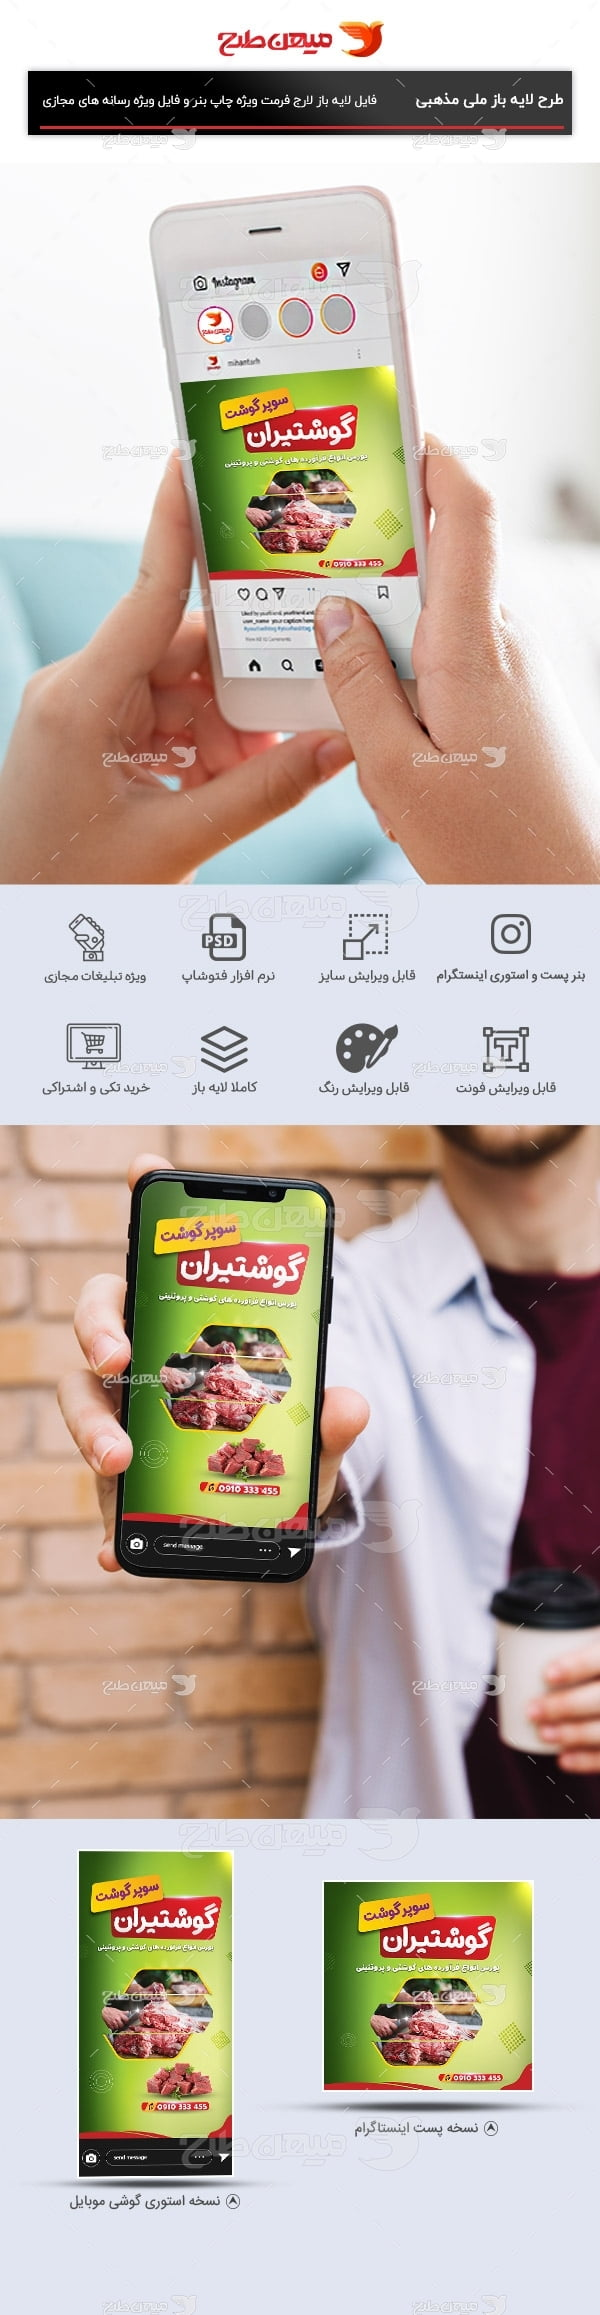 طرح لایه باز پست و استوری اینستاگرام سوپر گوشت